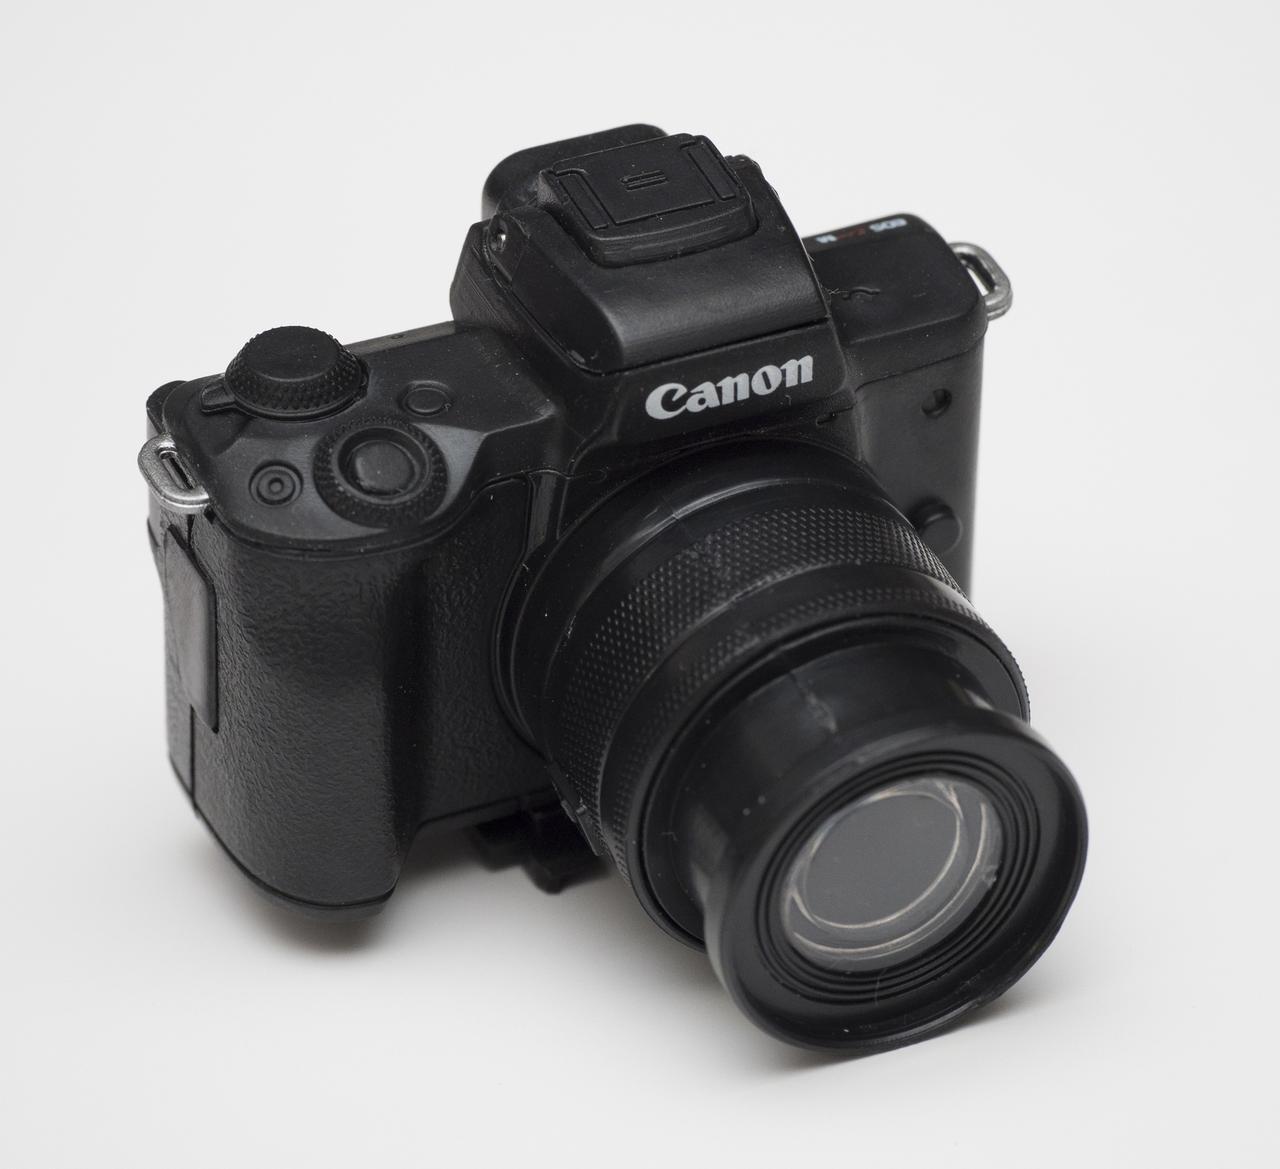 画像: Canon EOS Kiss M(ブラック)アクセサリー+EF-M15-45mm F3.5-6.3 IS STM